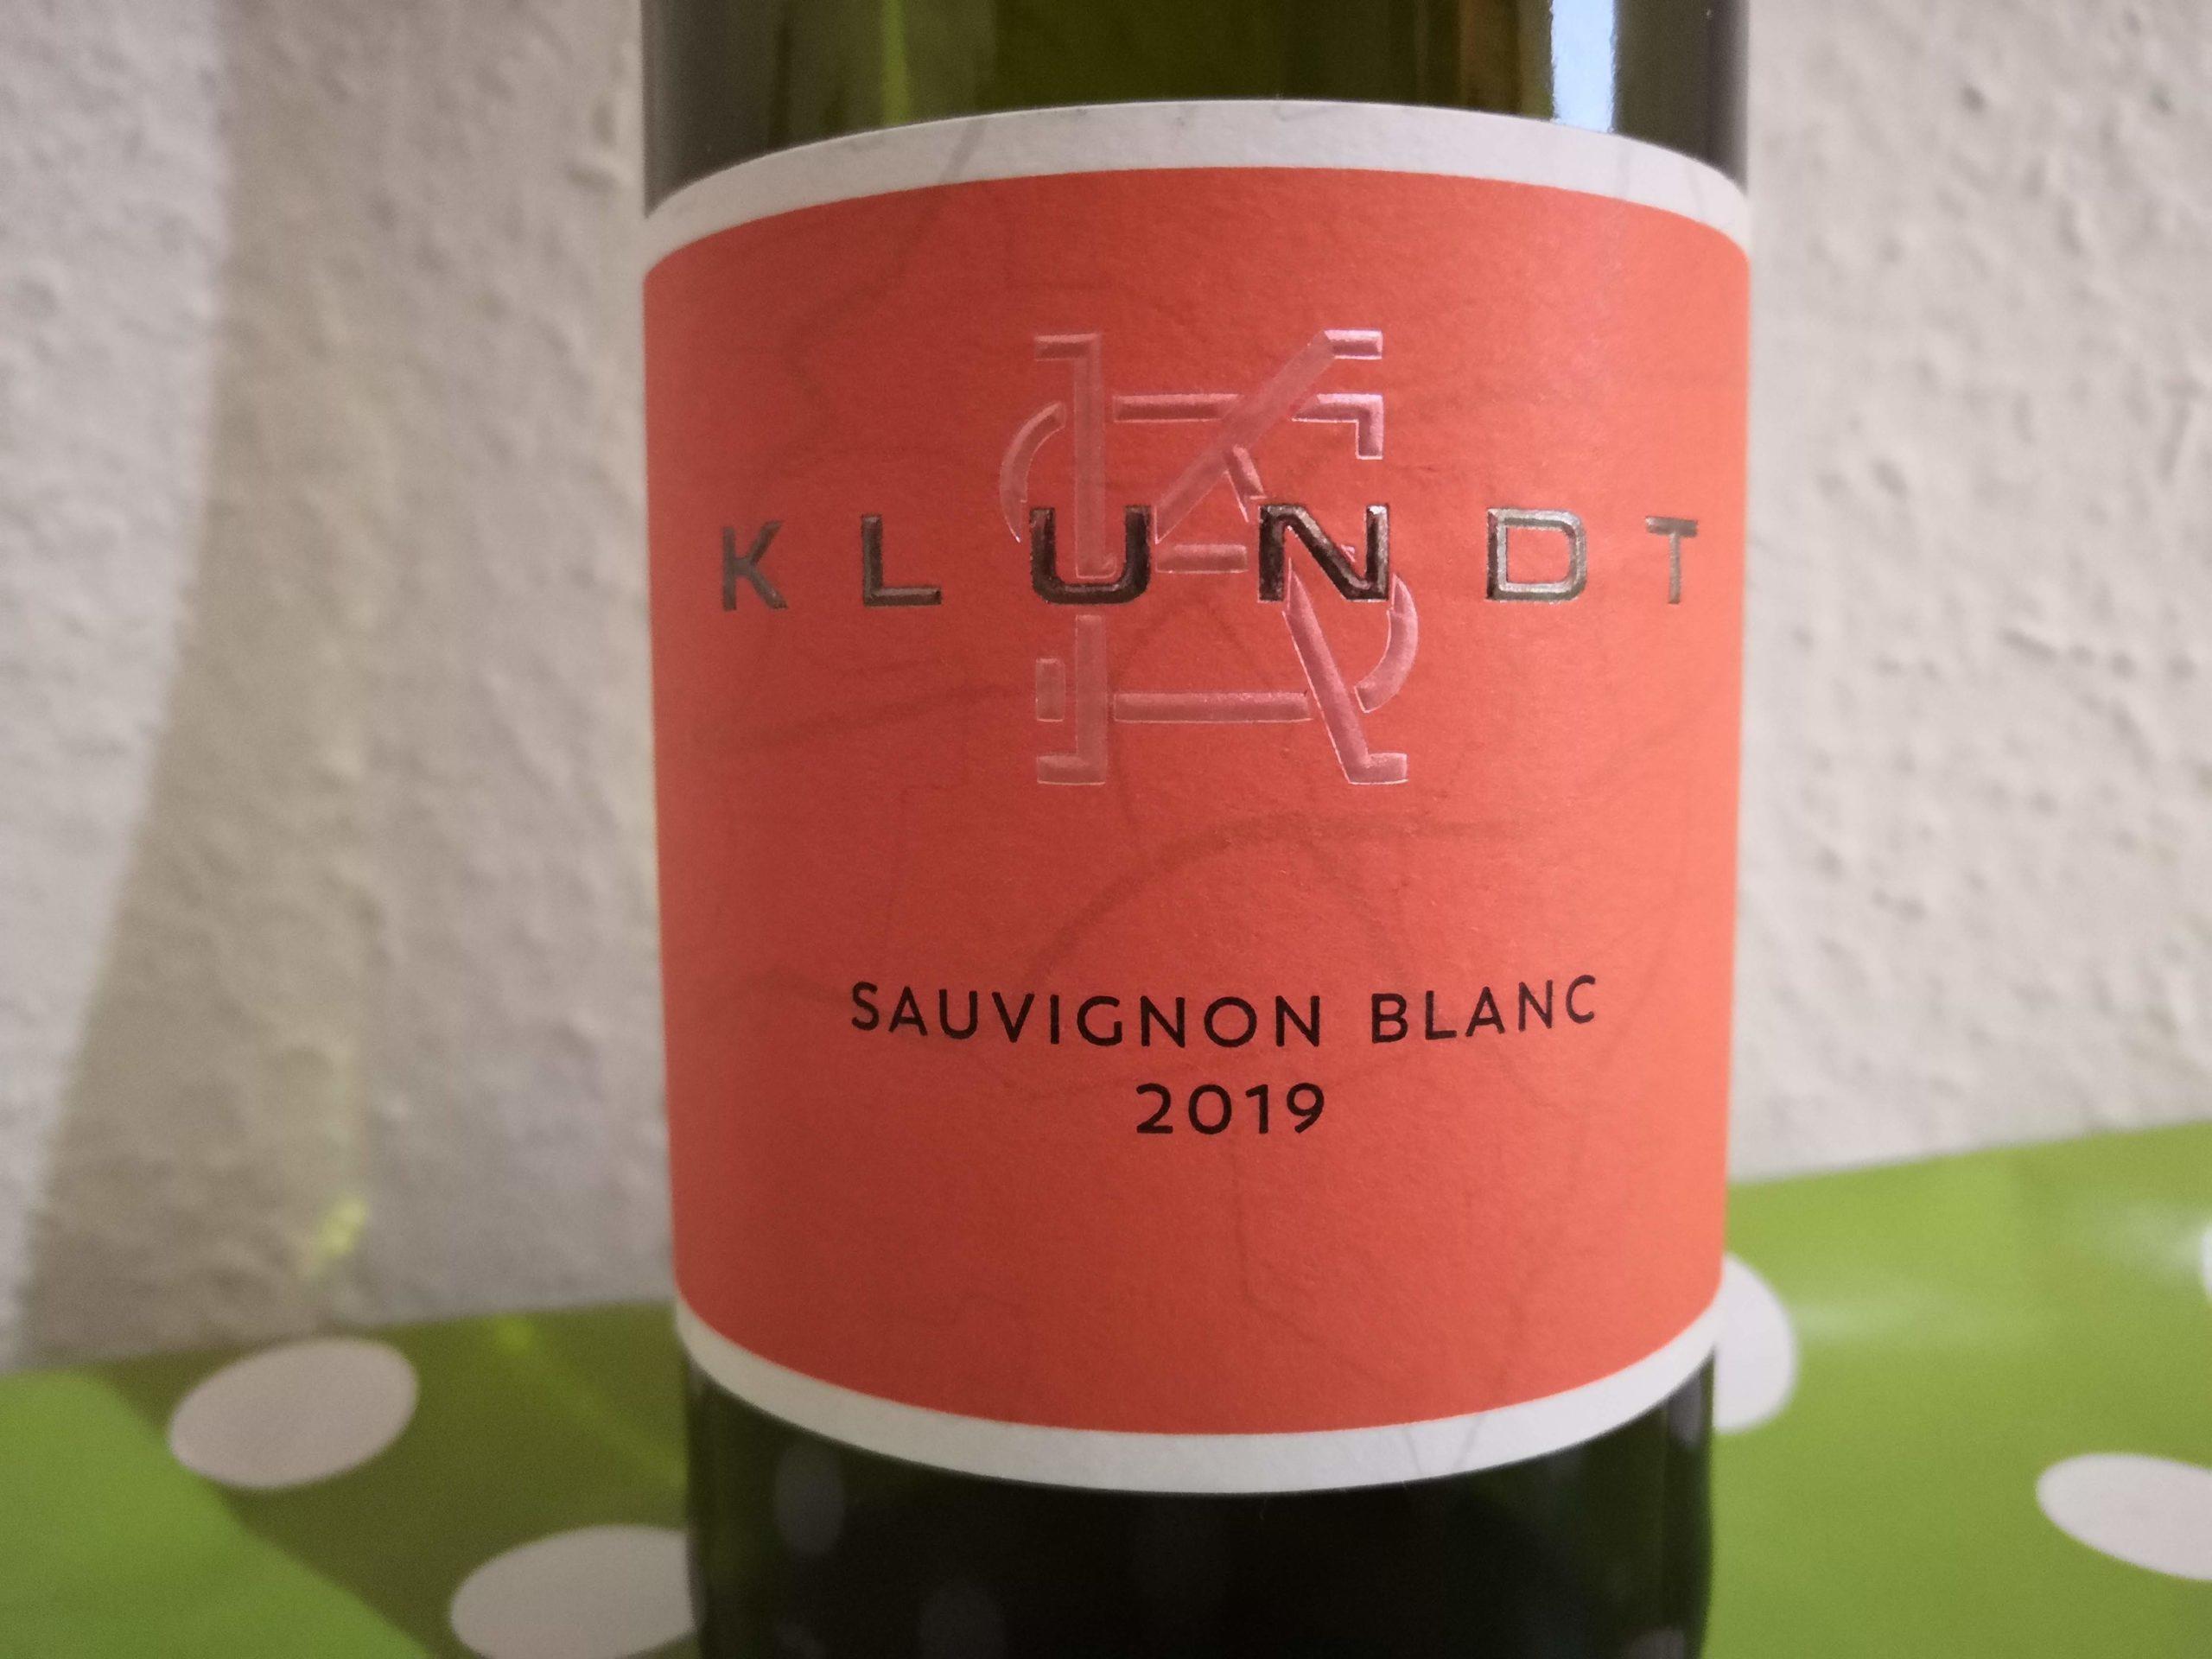 2019er Sauvignon Blanc trocken vom Weingut Klundt